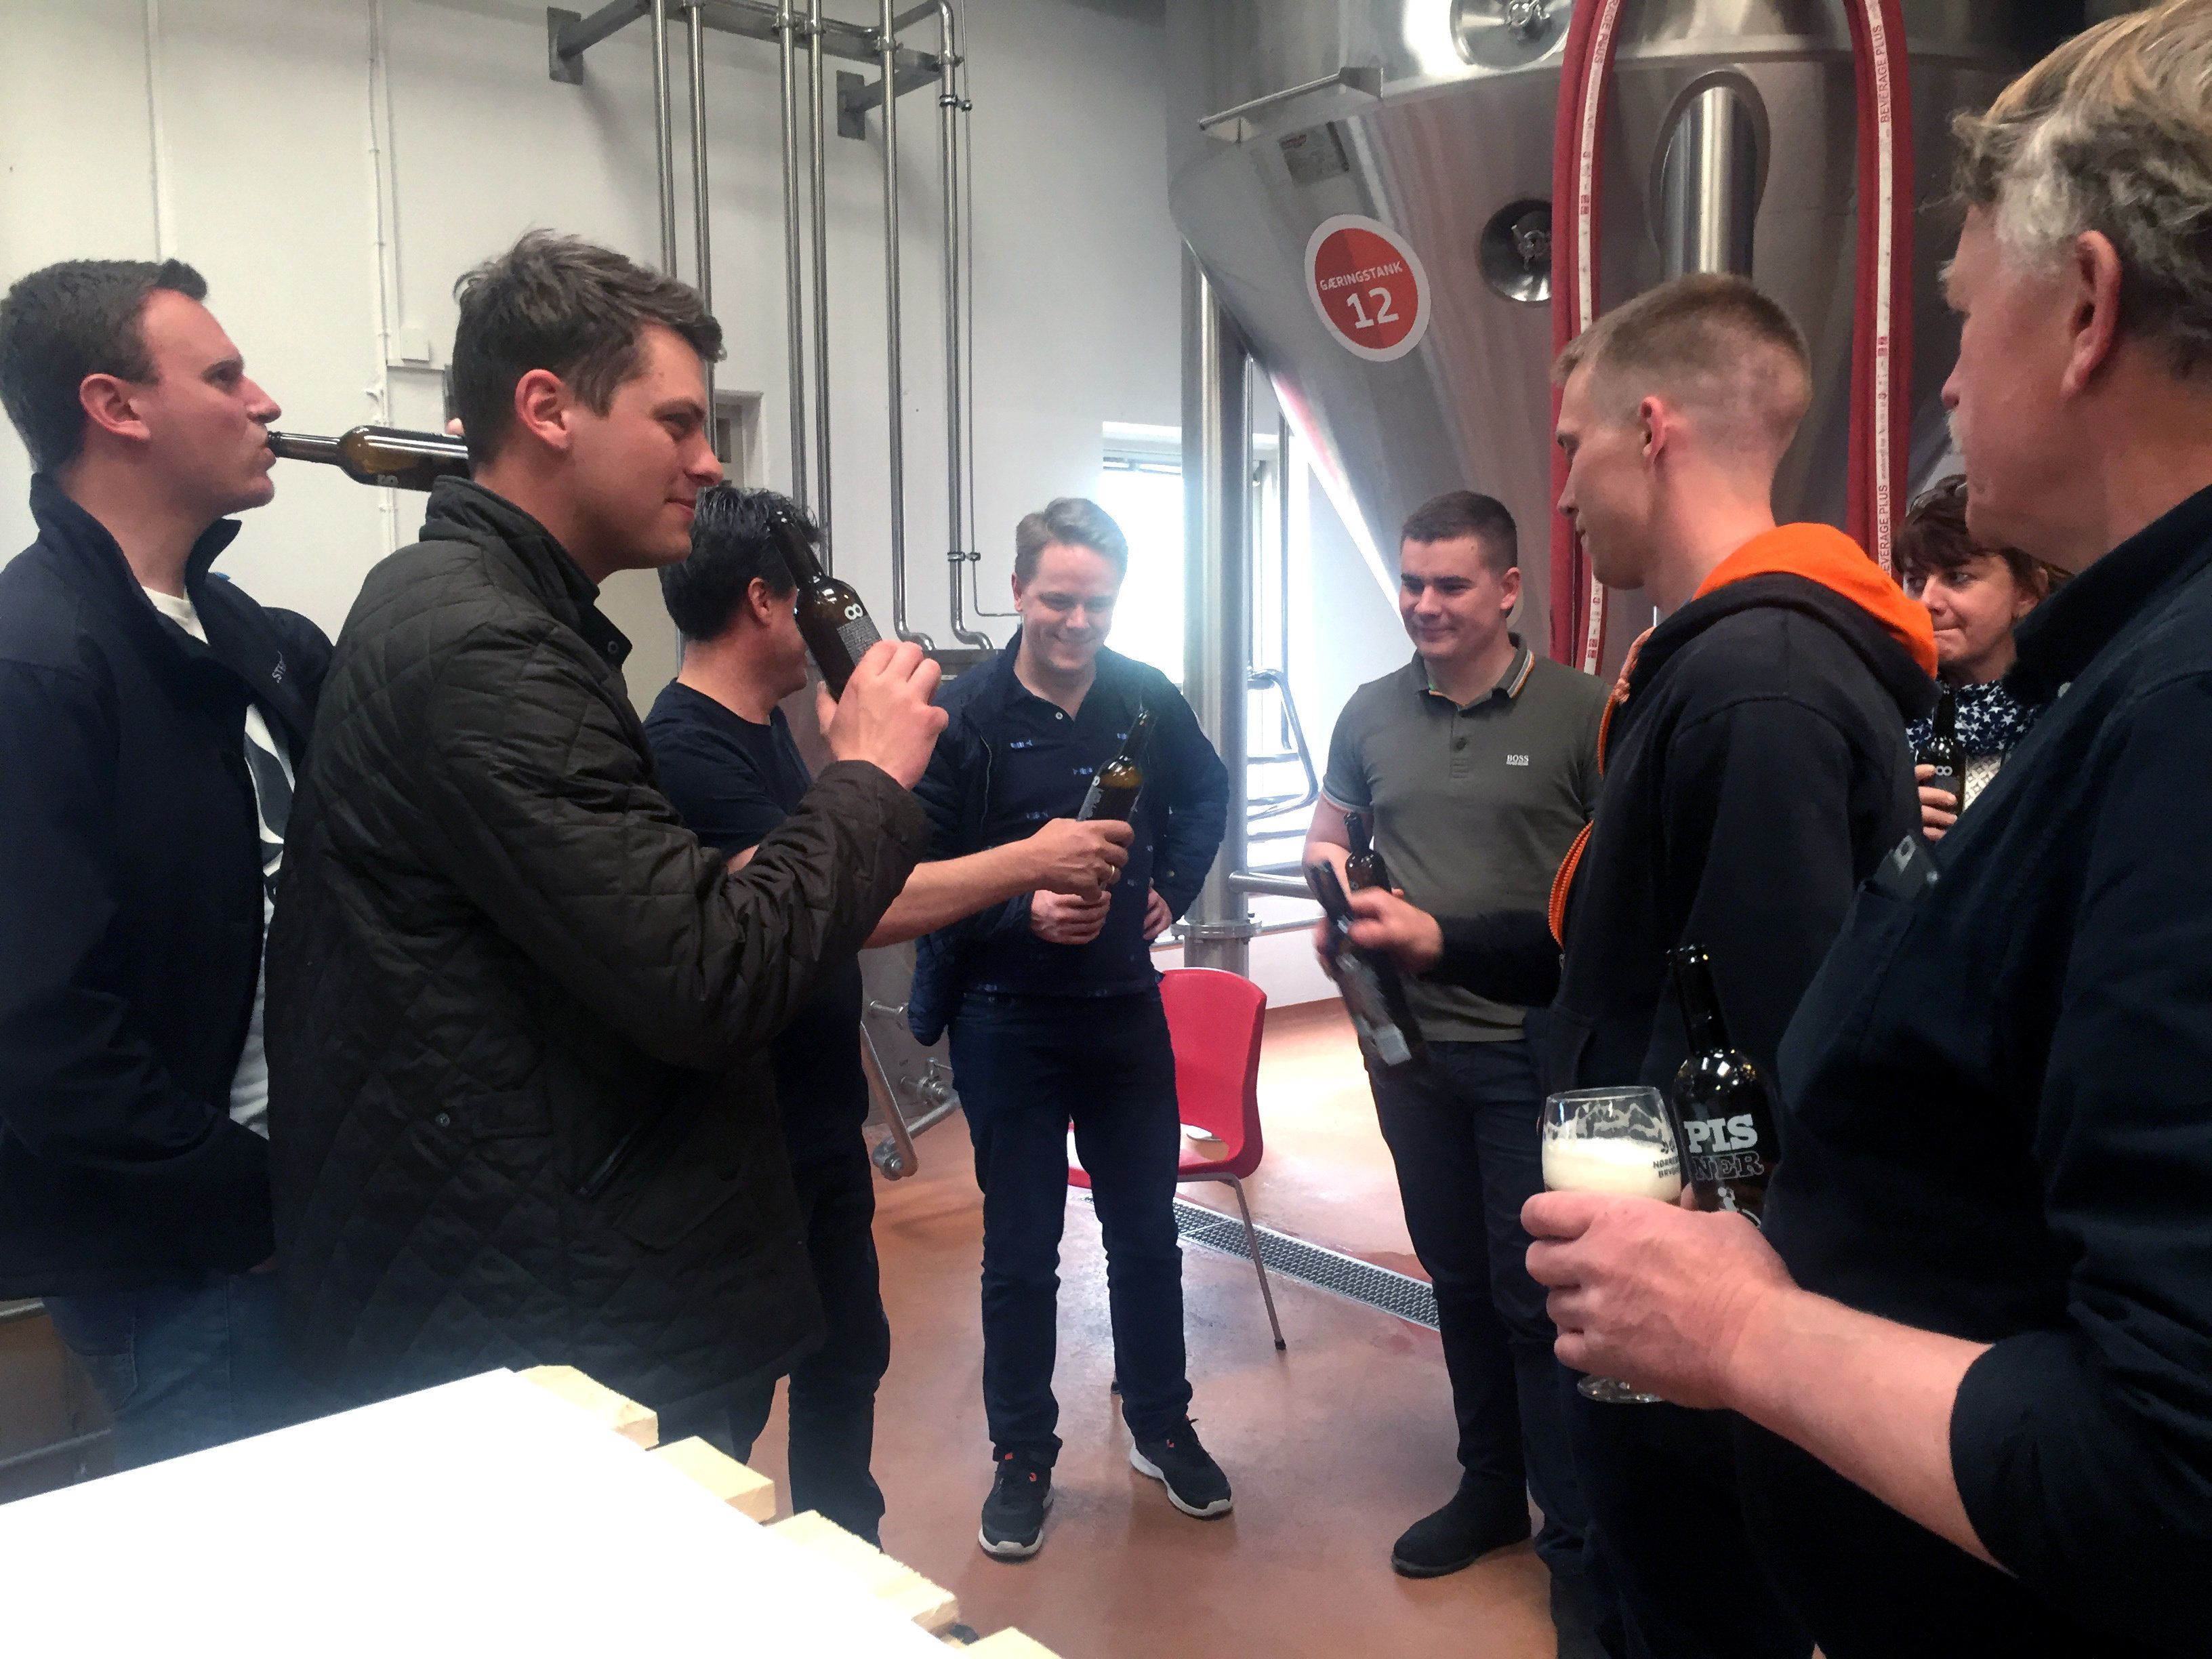 Visitors taste Pisner beer at the Norrebro Bryghus in Hedehusene, Denmark on May 4.